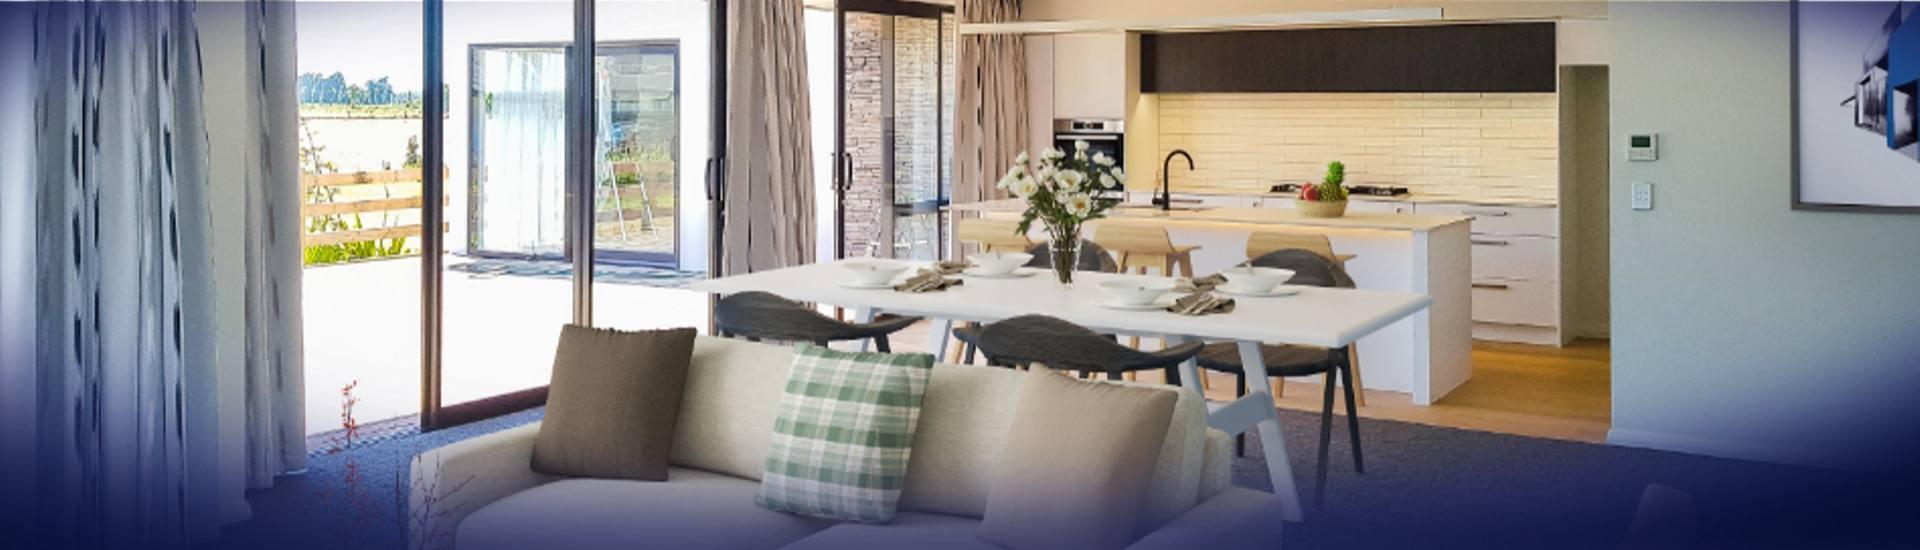 Hallmark Homes Header Dividing Open Plan Living Spaces - Tricks for Dividing Open Plan Living Spaces